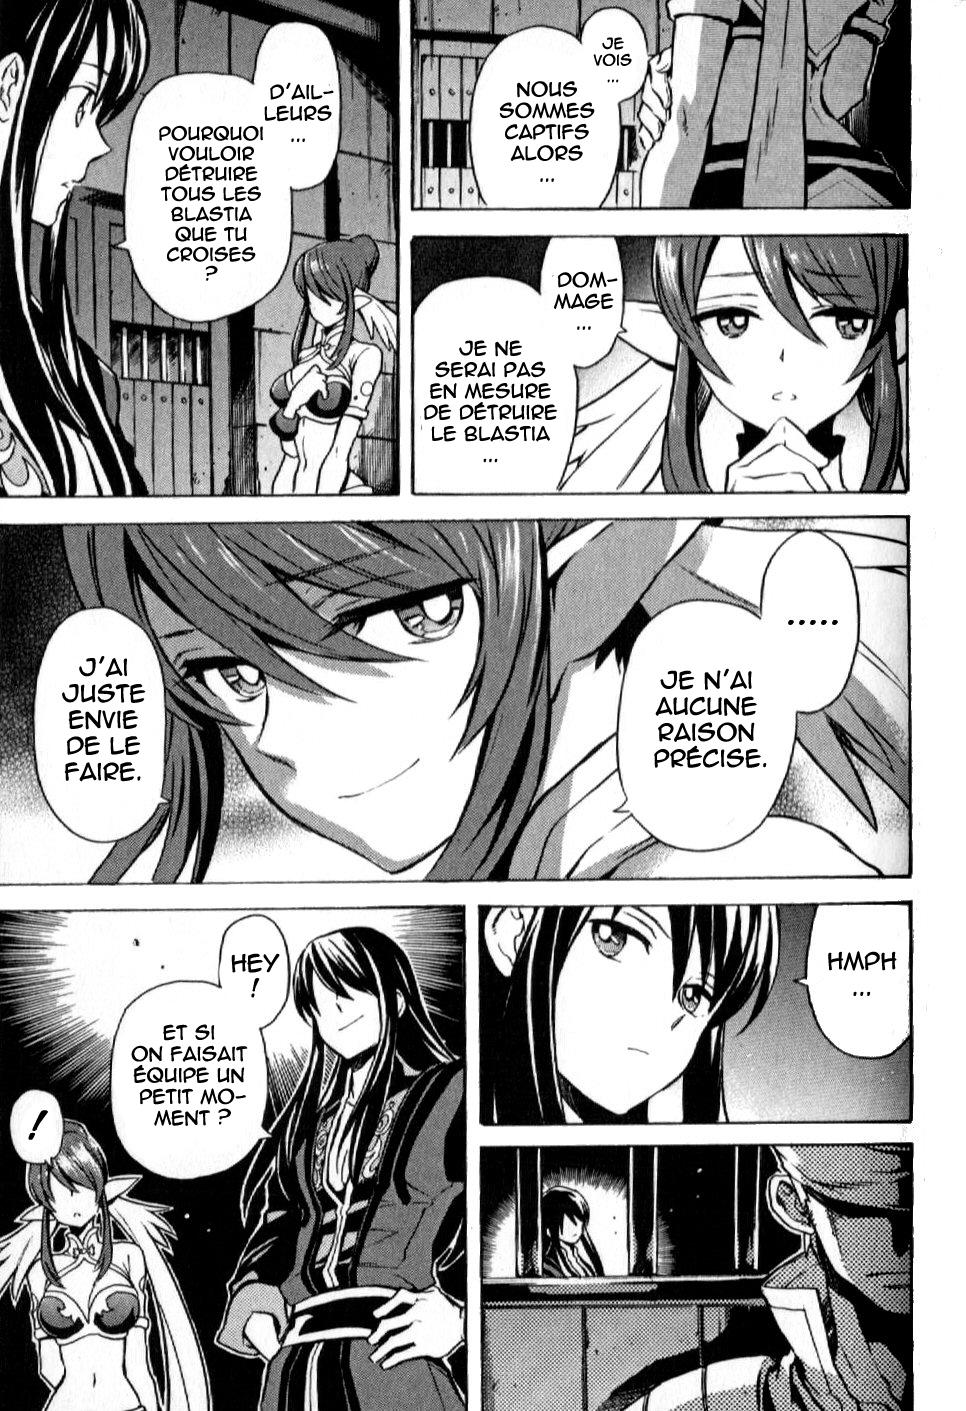 https://nine.mangadogs.com/fr_manga/pic1/6/2054/74681/TalesofVesperia20VF_2_145.jpg Page 3